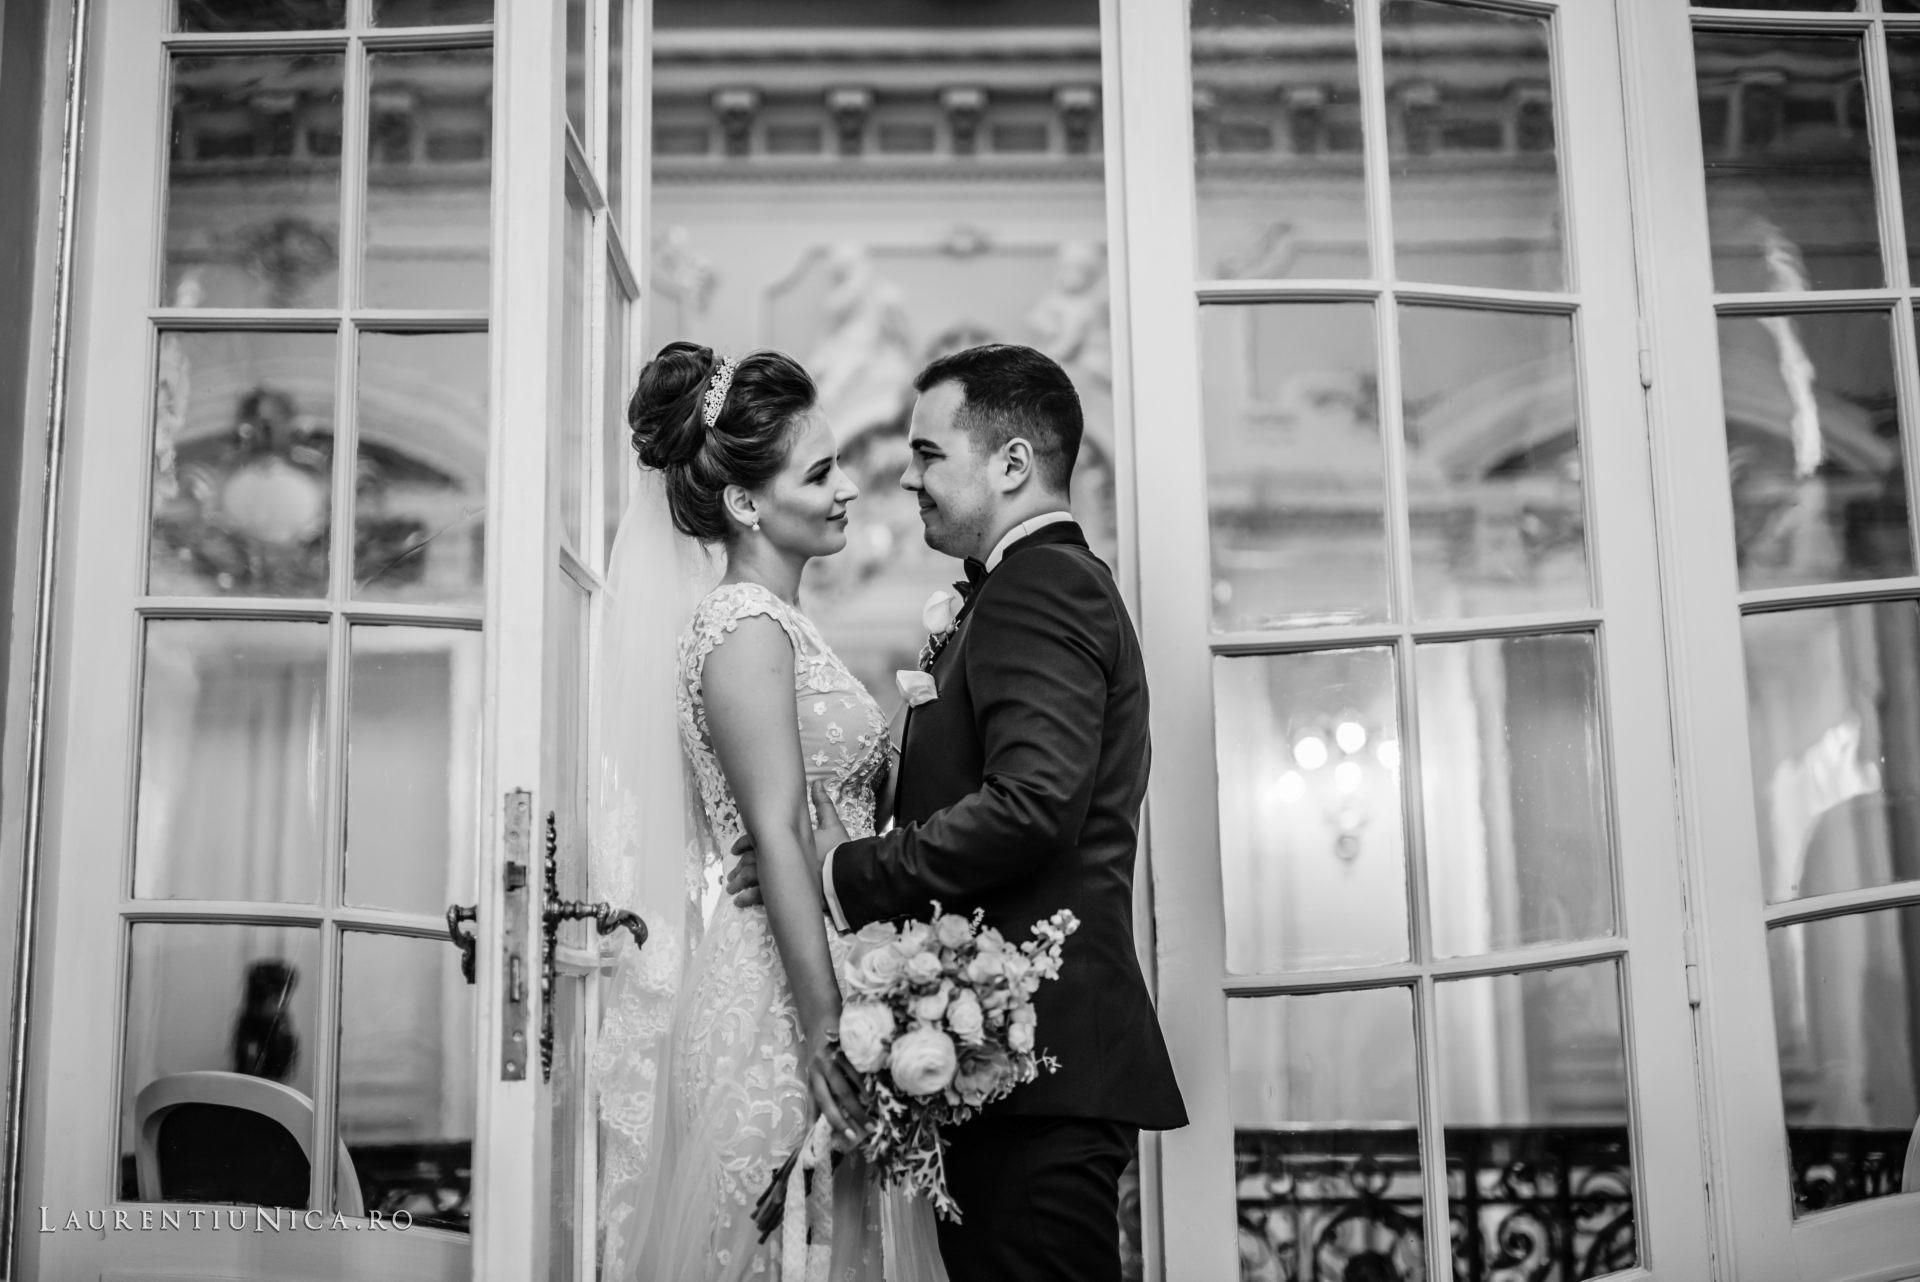 denisa si catalin fotograf nunta laurentiu nica craiova 41 - Denisa si Catalin | Fotografii nunta | Craiova